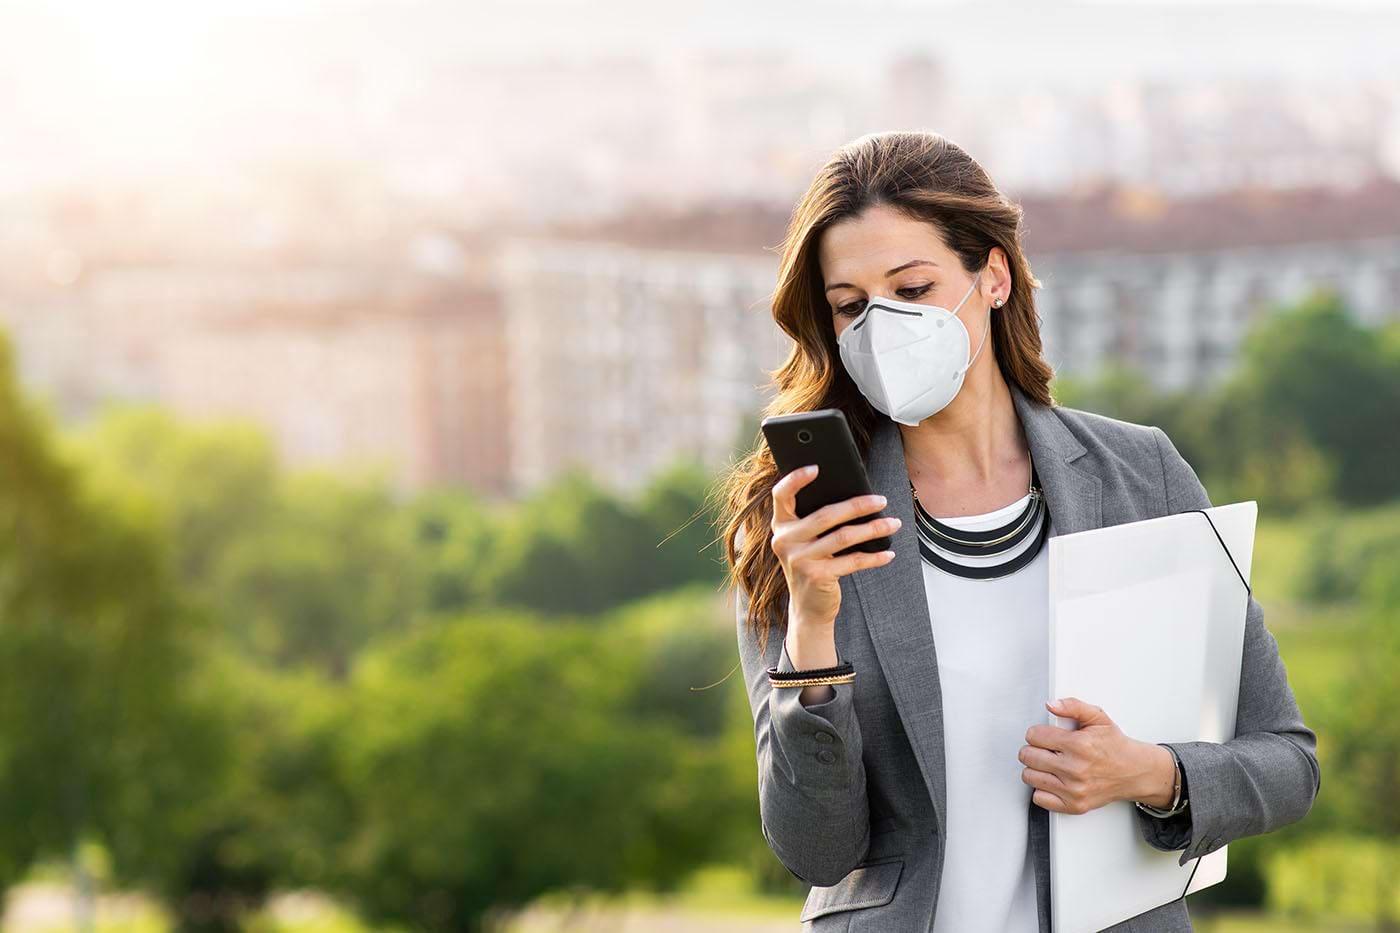 Coronavirus: polenul din aer crește riscul de infectare cu SARS-CoV-2?